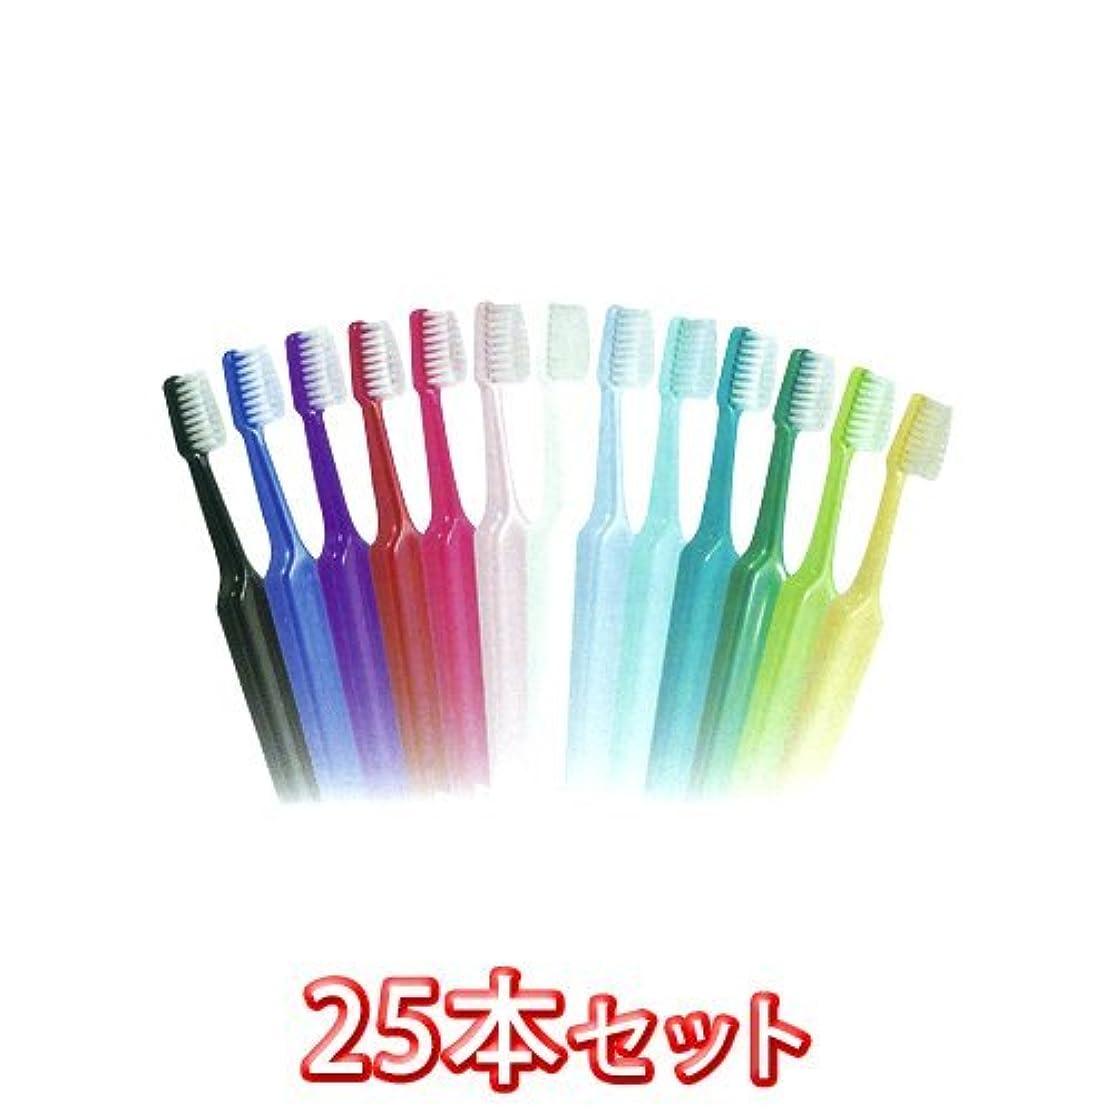 神聖アーサーコナンドイル社説TePe セレクトソフト 歯ブラシ 25本入